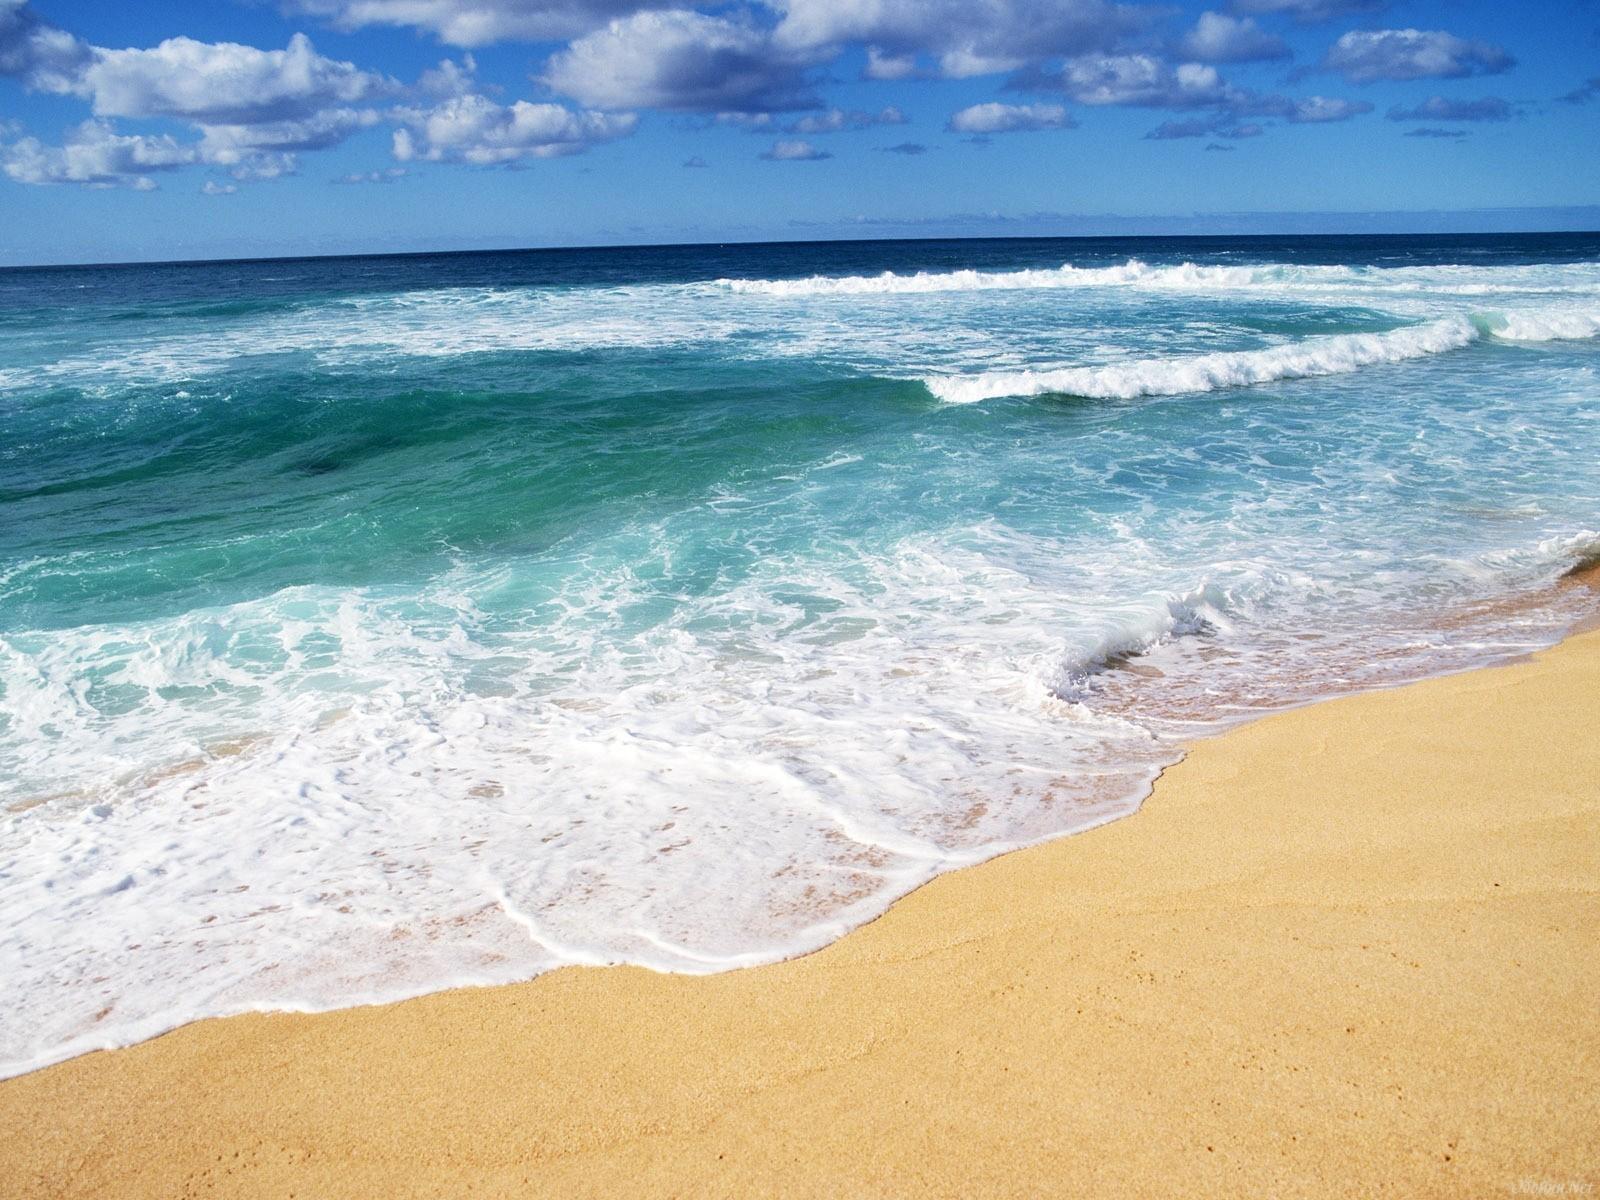 27975 скачать обои Пейзаж, Море, Волны, Пляж - заставки и картинки бесплатно